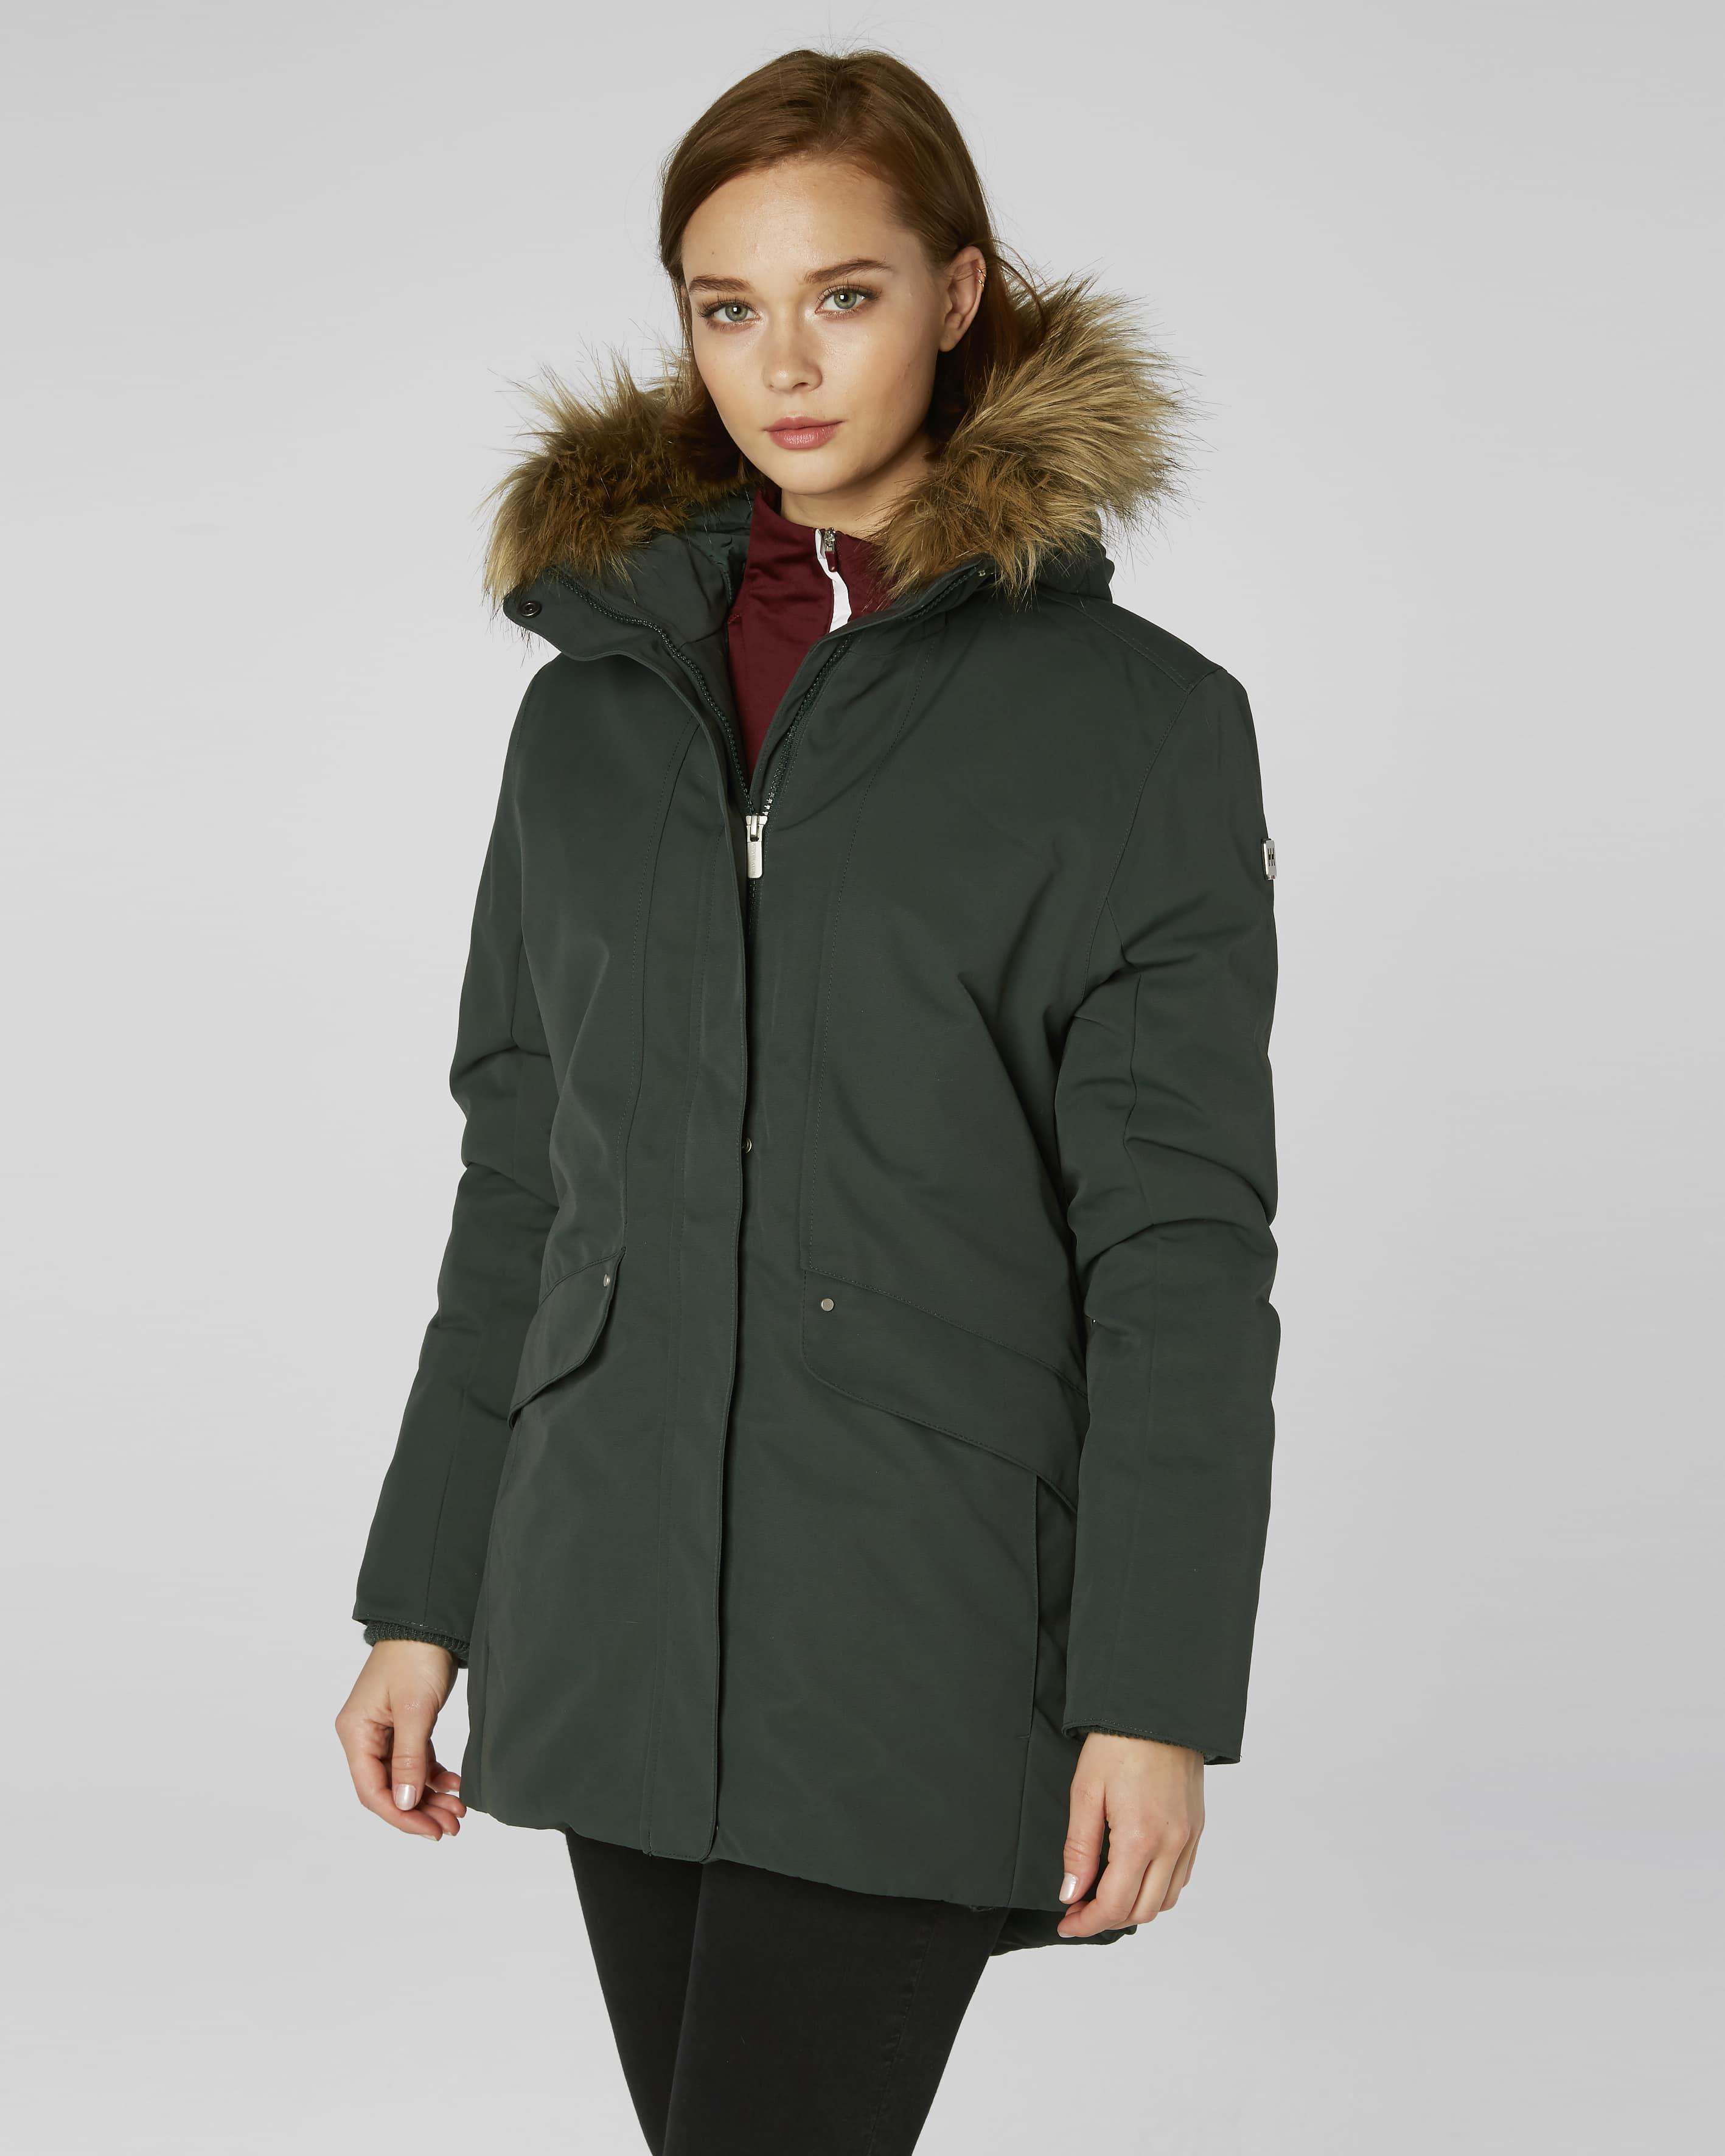 Helly Hansen Women Eira Jacket, Black Tights.no